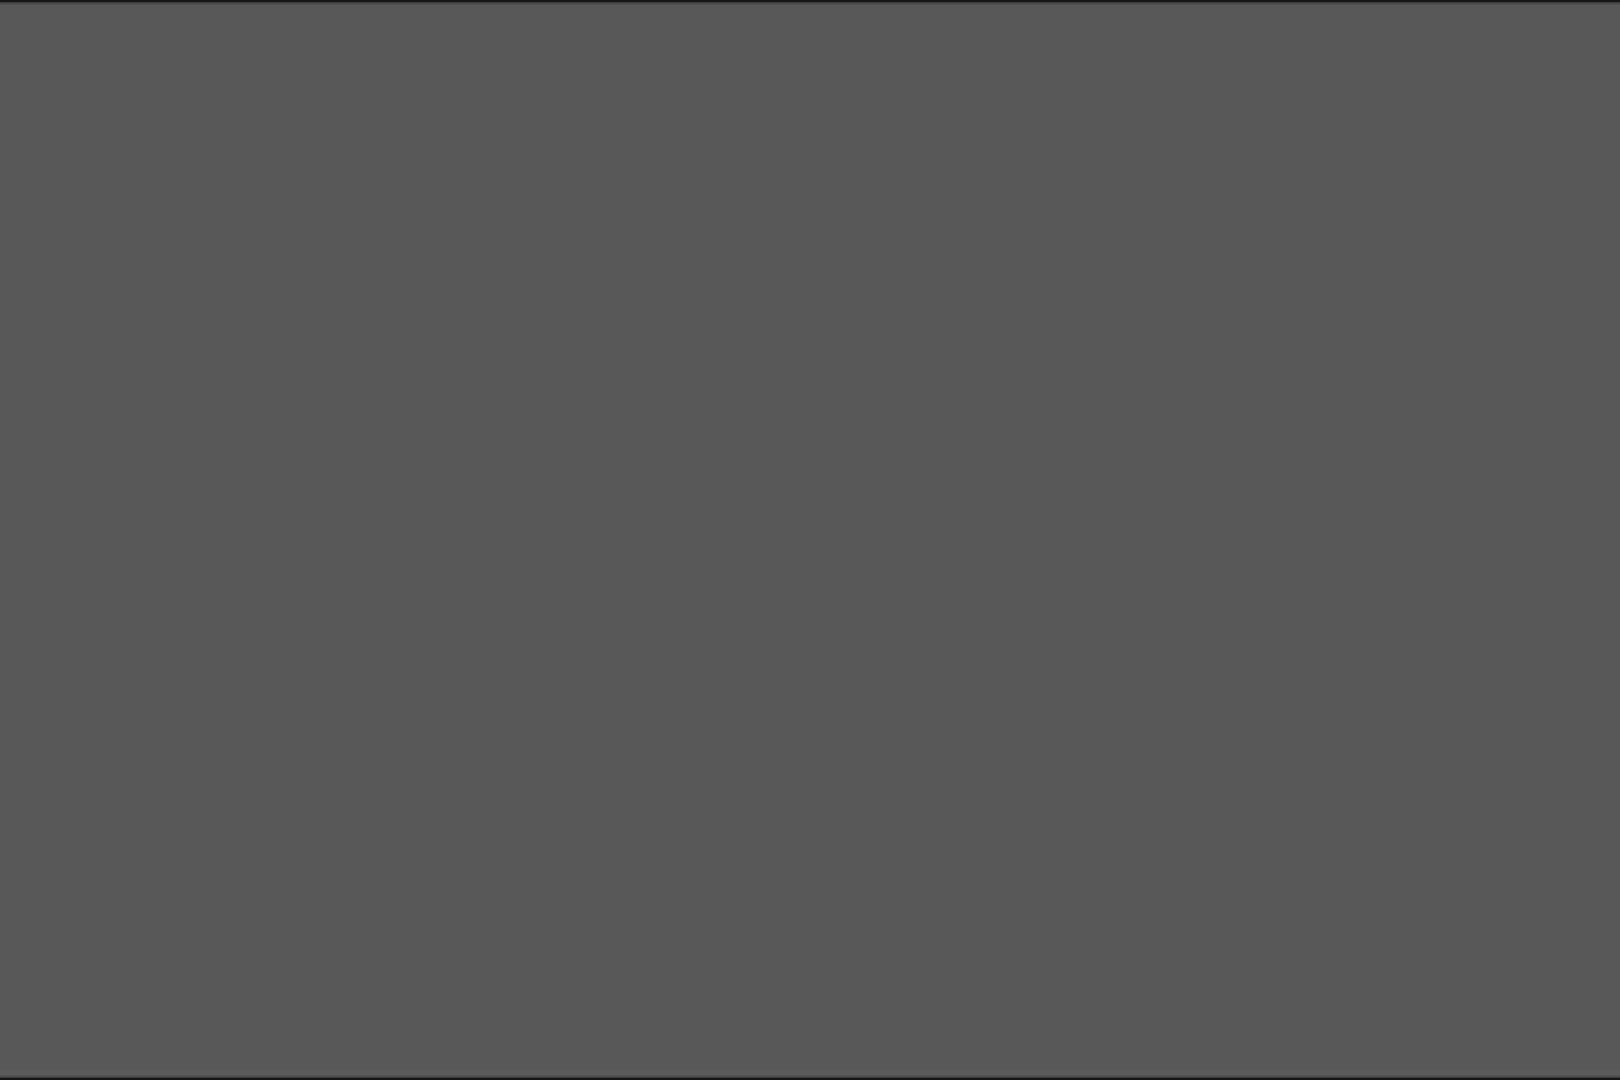 マンコ丸見え女子洗面所Vol.18 マンコ エロ無料画像 63pic 13